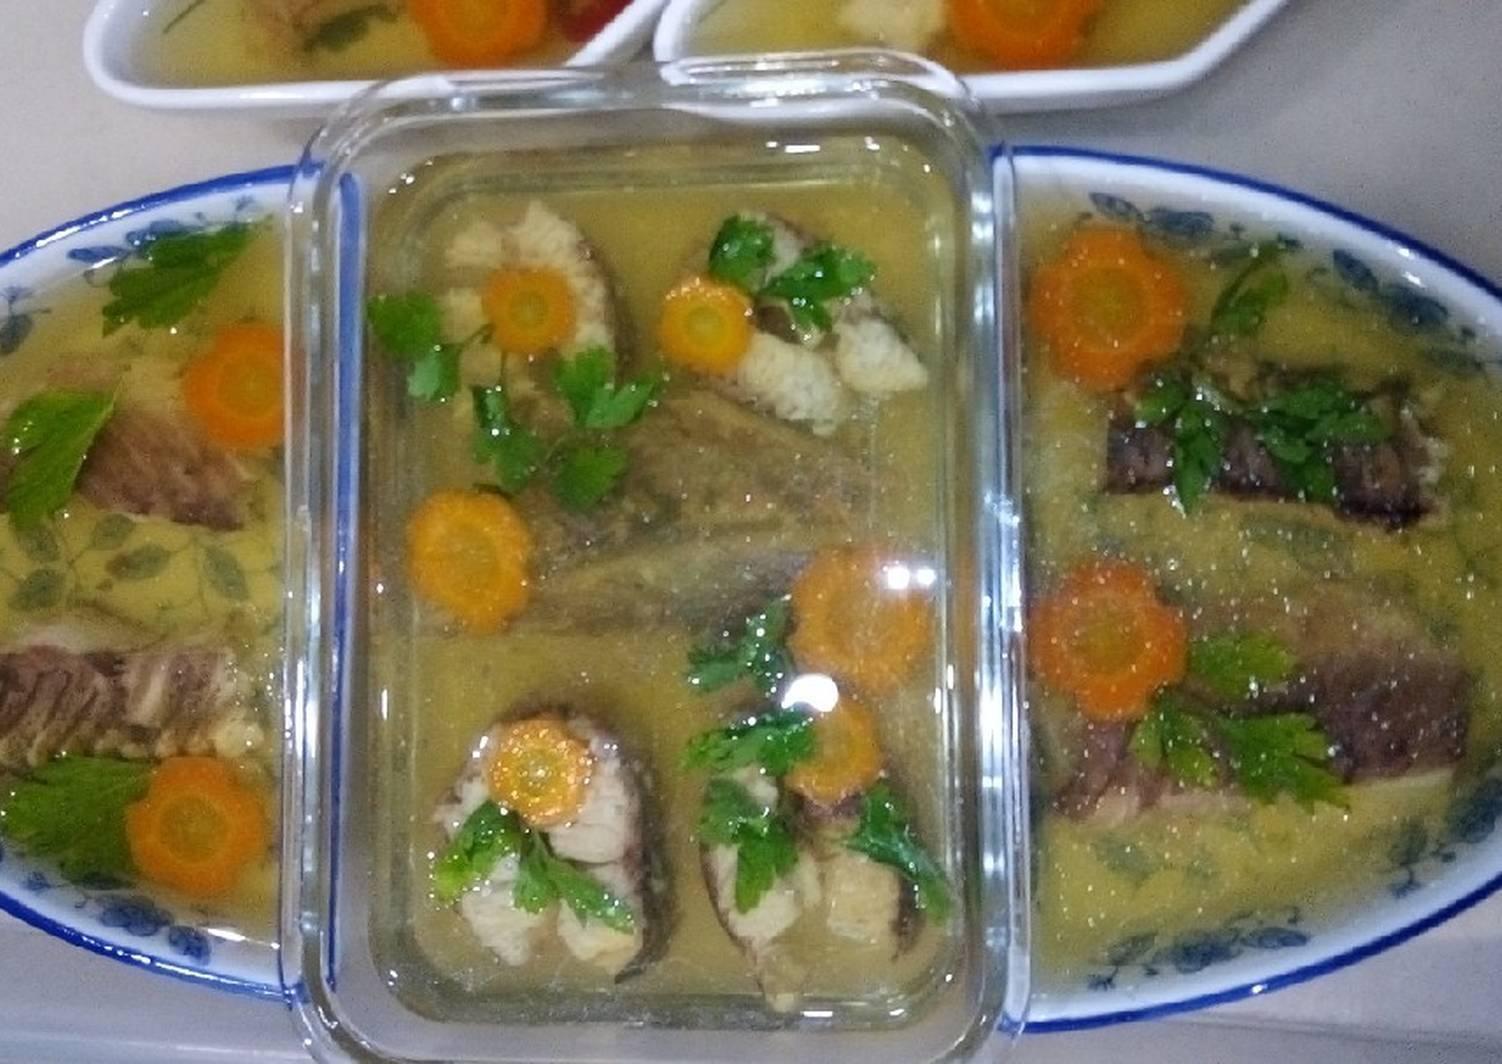 Как приготовить заливное из рыбы с желатином к праздничному столу – лучшие рецепты